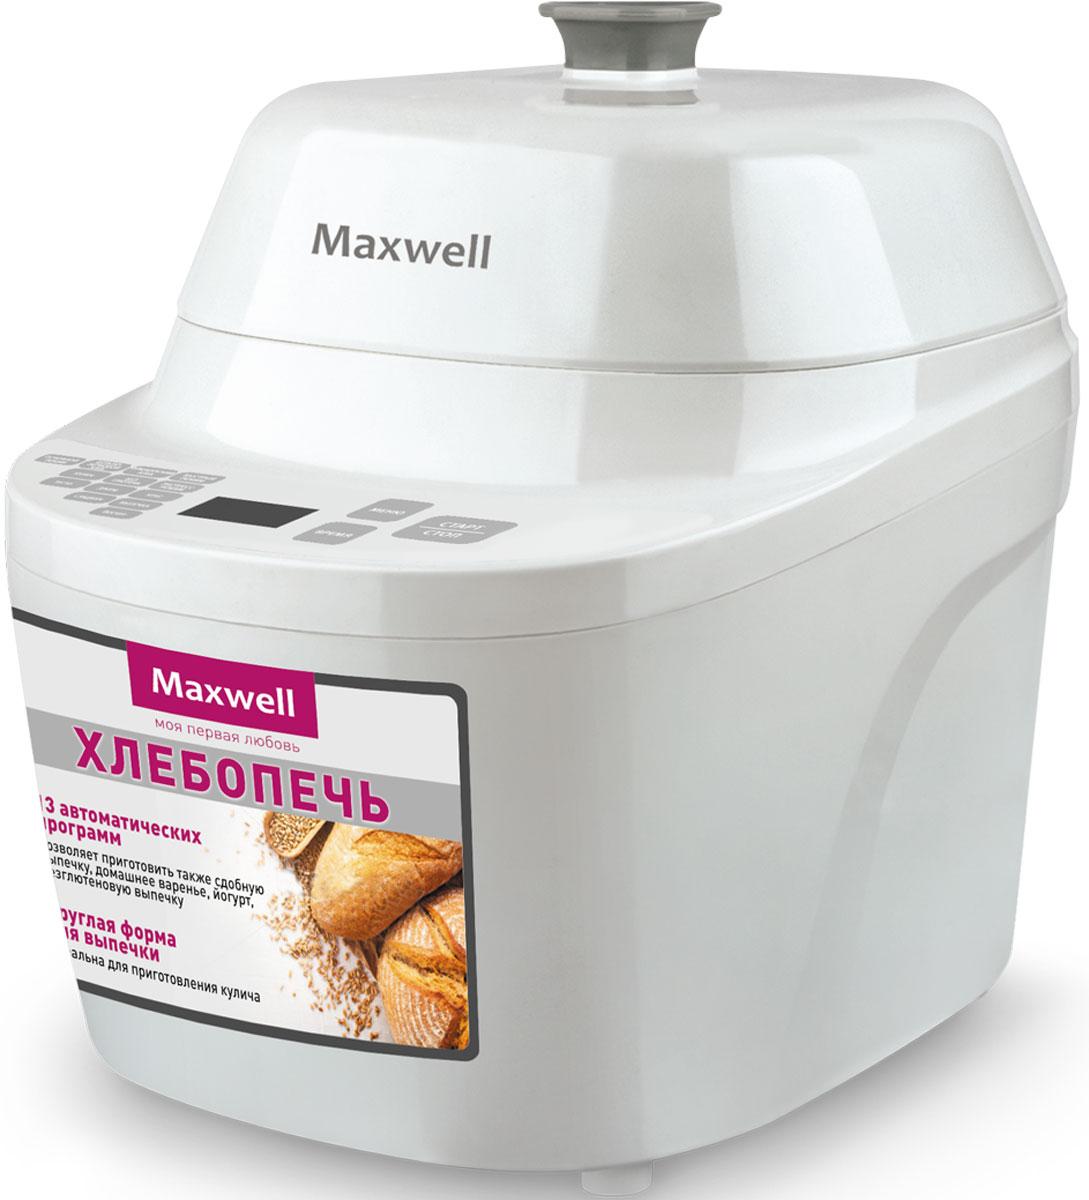 Maxwell MW-3755(W) хлебопечьMW-3755(W)Главной особенностью хлебопечи Maxwell MW-3755(W) является круглая форма для выпечки. Таким образом, данная модель отлично подойдет дляприготовления куличей, караваев, кексов и, конечно же, традиционного хлеба. Максимальный вес выпечки составляет 500 г.В хлебопечь заложено 13 автоматических программ, среди которых не только выпечка, но и специальные программы для варки варенья и приготовления йогурта. Также следует отметить возможность делать безглютеновую выпечку.Хлебопечь имеет электронное управление, все нюансы работы отображаются на цифровом дисплее. Можно воспользоваться таймером отсрочки (до 13 часов). Если заправить хлебопечь вечером, к завтраку можно получить свежую, горячую выпечку. В комплекте с Maxwell MW-3755(W) поставляется мерный стакан и ложка.